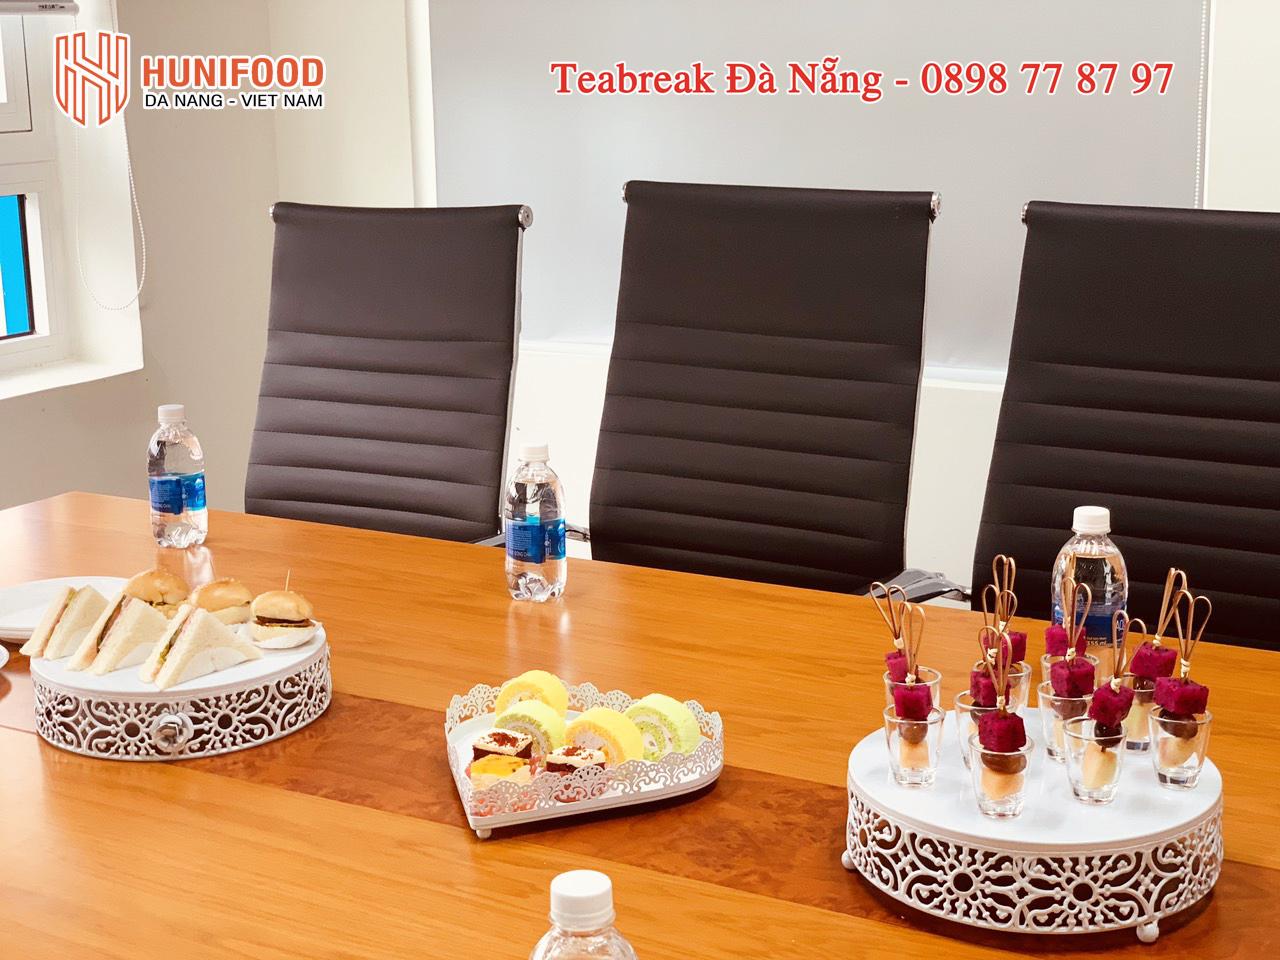 Teabreak Đà Nẵng trong buổi họp